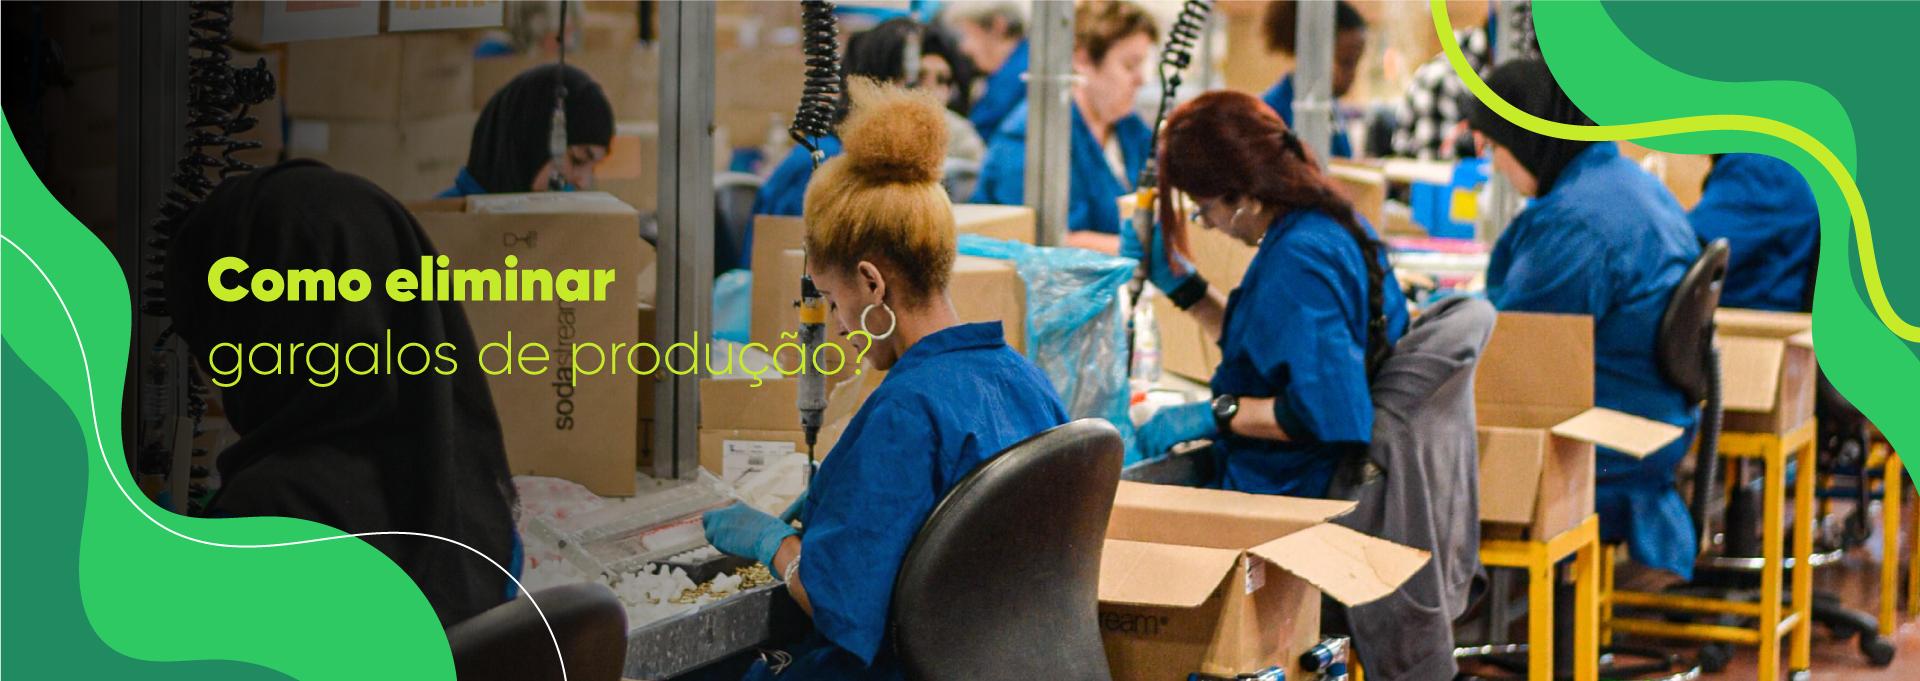 Como eliminar gargalos de produção no seu negócio